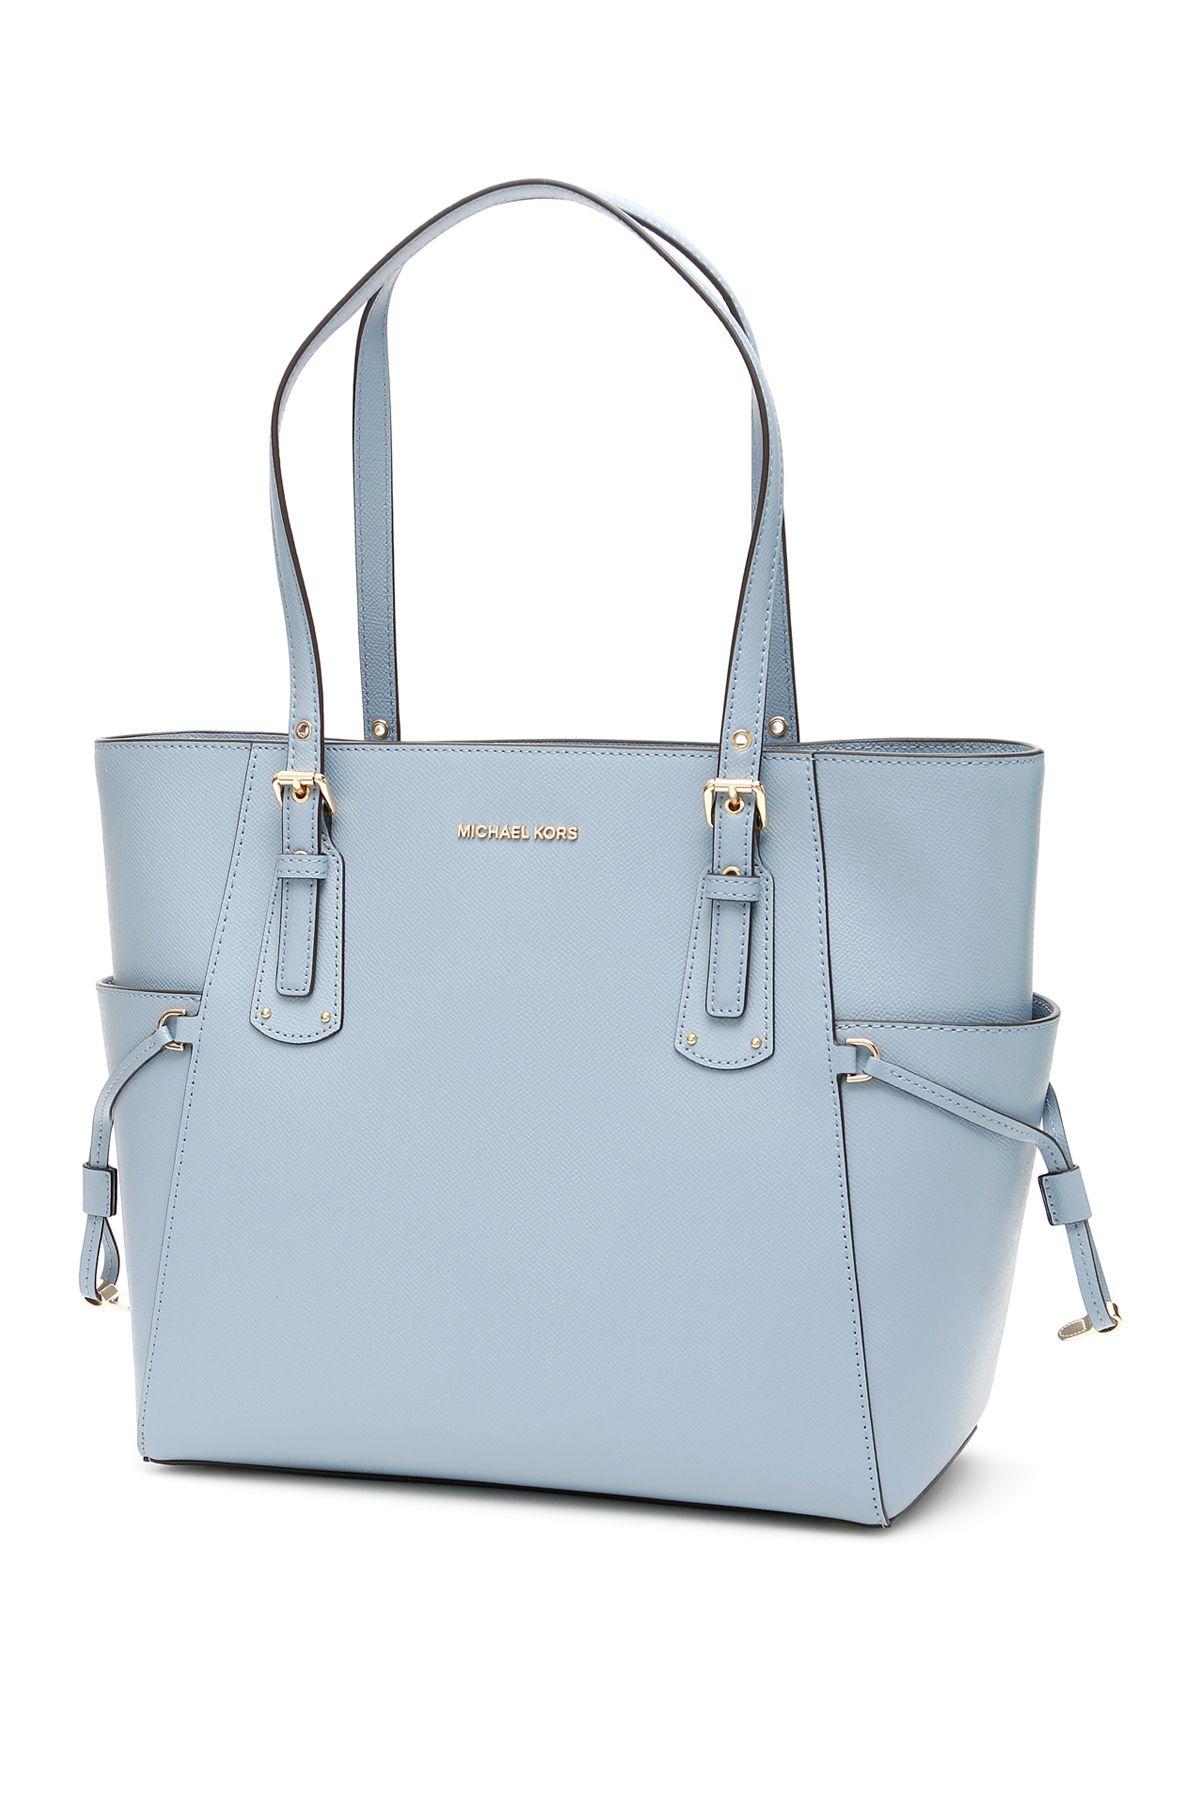 e2fccd7d6d359a MICHAEL Michael Kors Voyager Leather Tote Bag - PALE BLUE (Light blue) ...